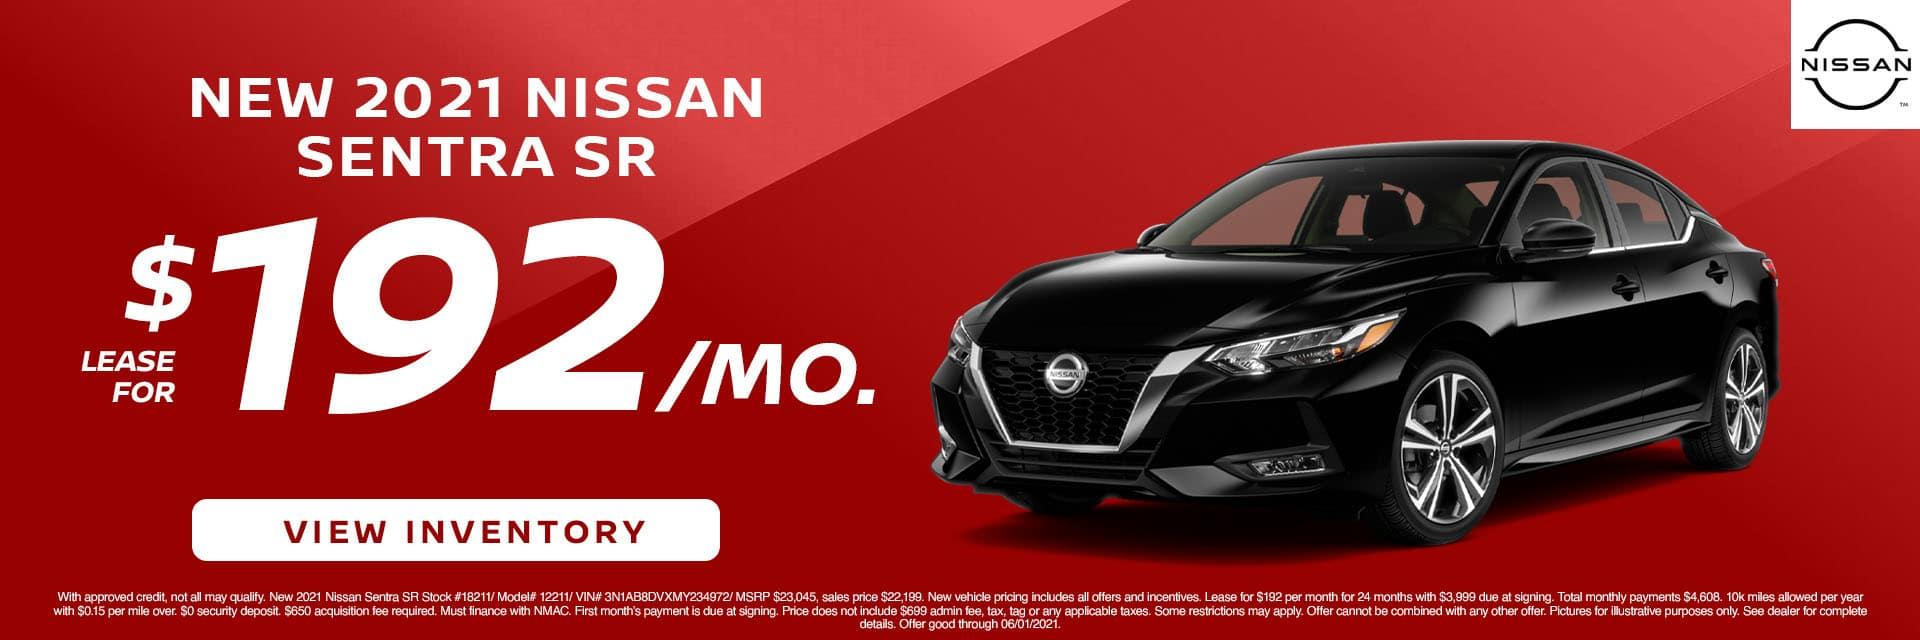 CNSN-May 2021-2021 Nissan Sentra